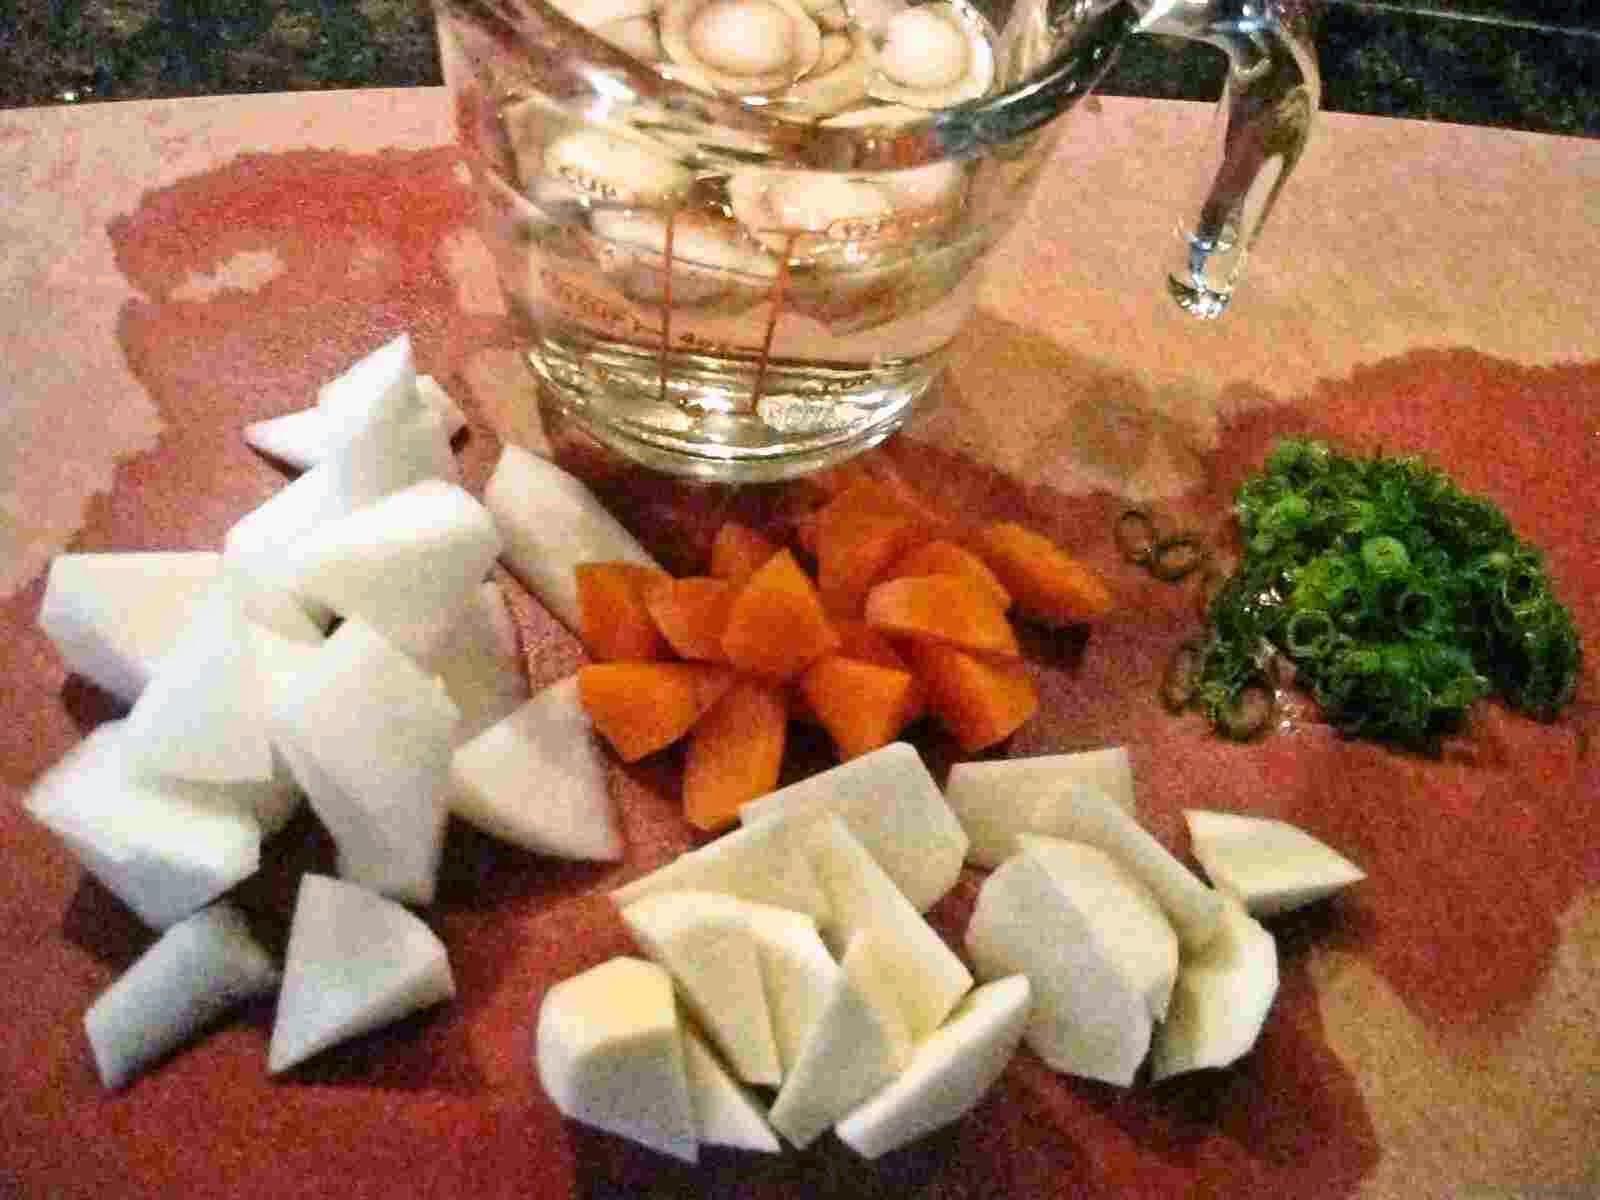 Recipes for Tom Konsai no sakekasu misoshiru miso soup